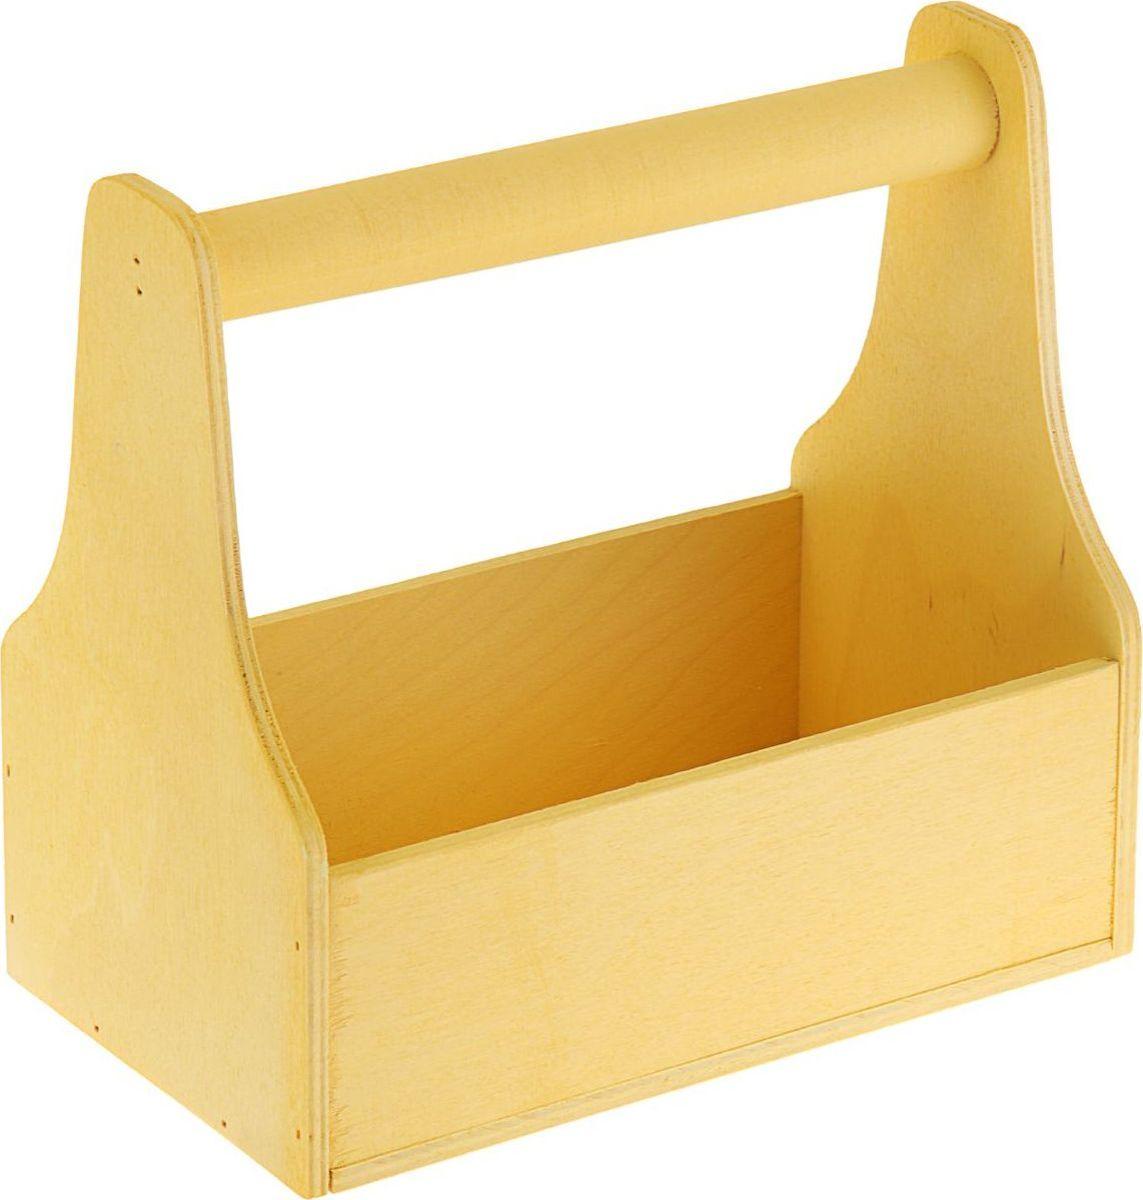 Кашпо ТД ДМ Ящик для инструментов, цвет: желтый, 20 х 20 х 12,5 см1874334#name# — сувенир в полном смысле этого слова. И главная его задача — хранить воспоминание о месте, где вы побывали, или о том человеке, который подарил данный предмет. Преподнесите эту вещь своему другу, и она станет достойным украшением его дома.